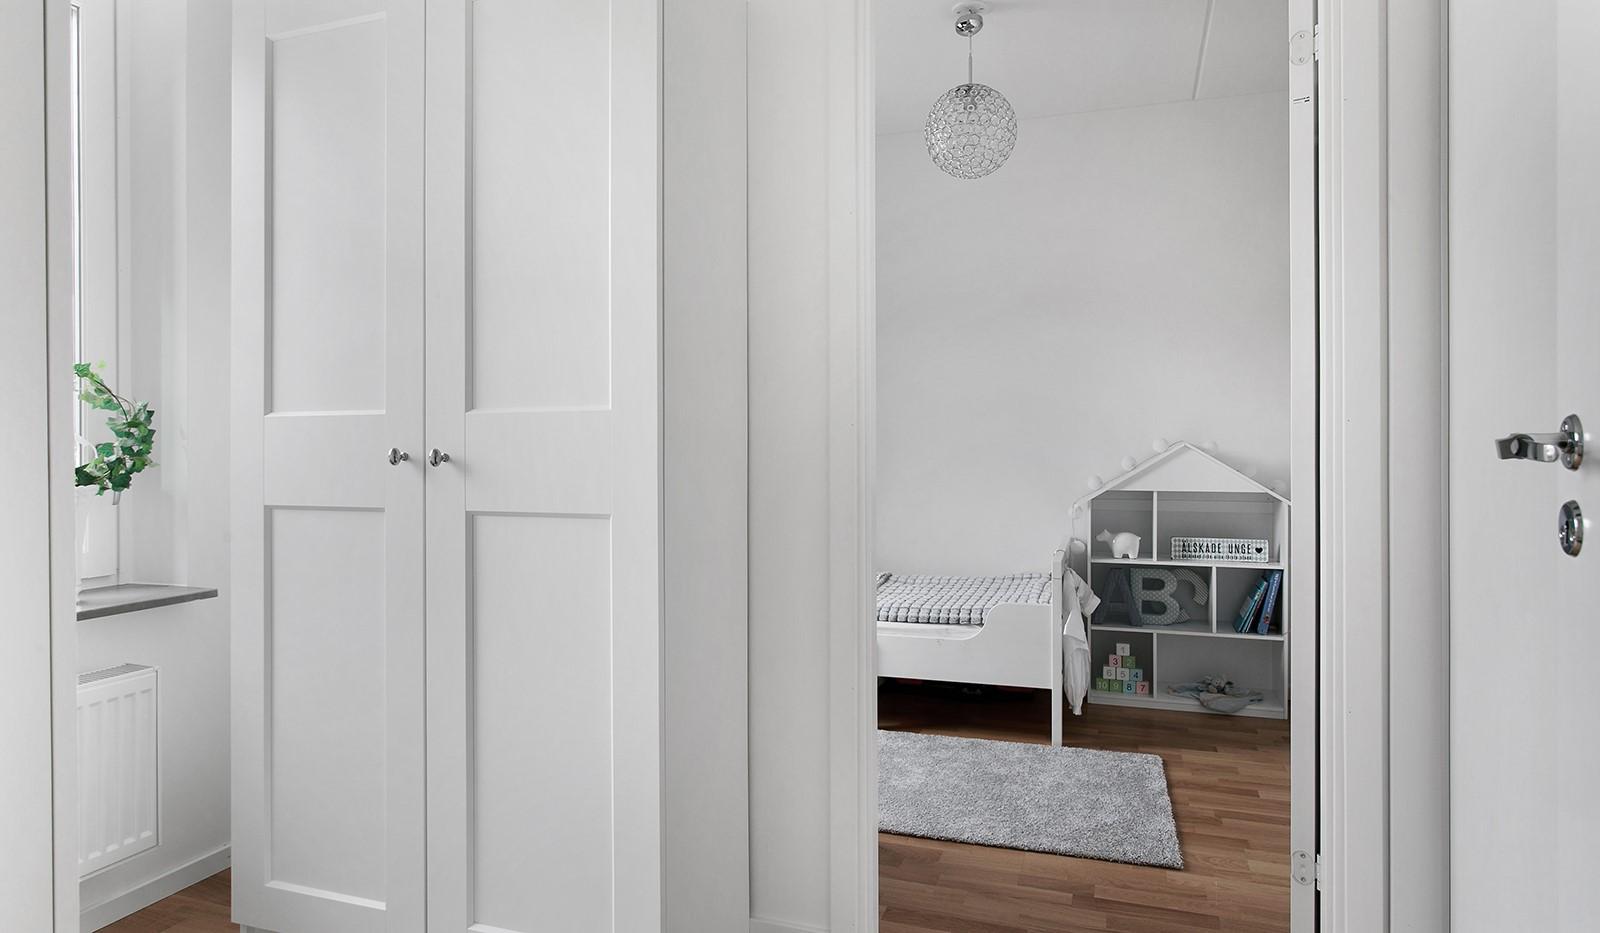 Oskarslundsbacken 13, 2tr - I anslutning till sovrummet finns ett extra rum som kan användas som arbetsrum